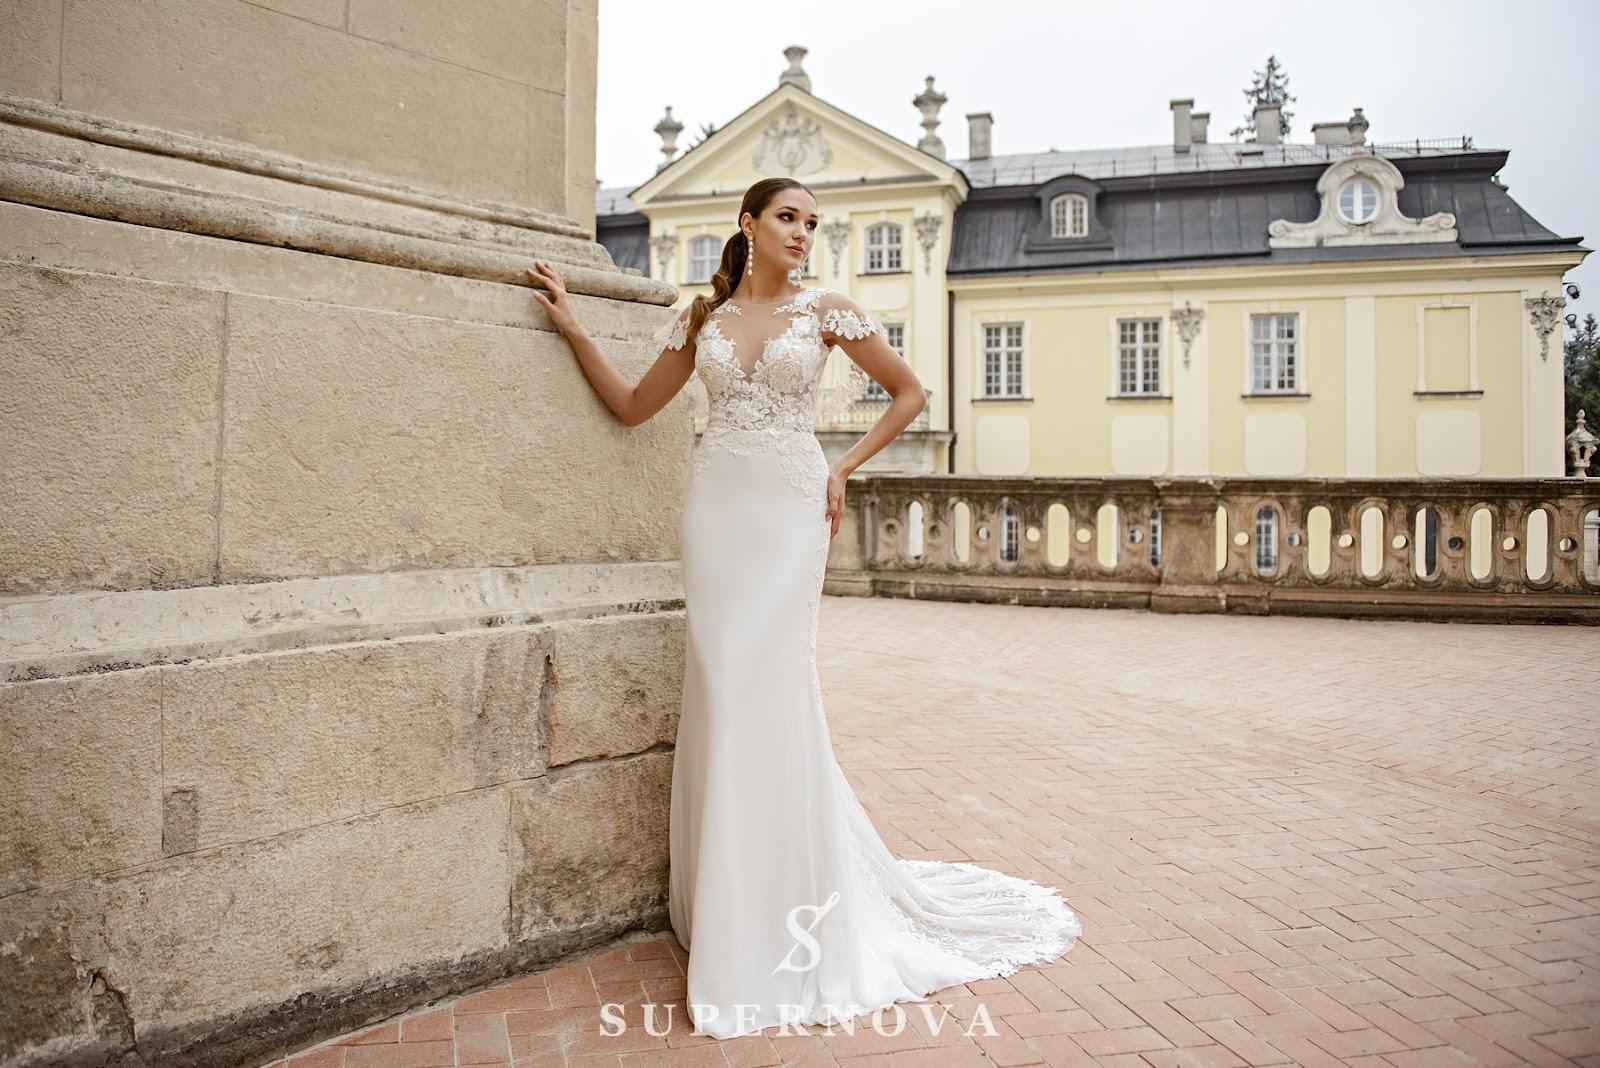 965aa30e73b78c В онлайн-каталозі компанії ви можете ближче познайомитися з шикарними  останніми колекціями і купити ніжні весільні сукні оптом для своїх елітних  торгових ...